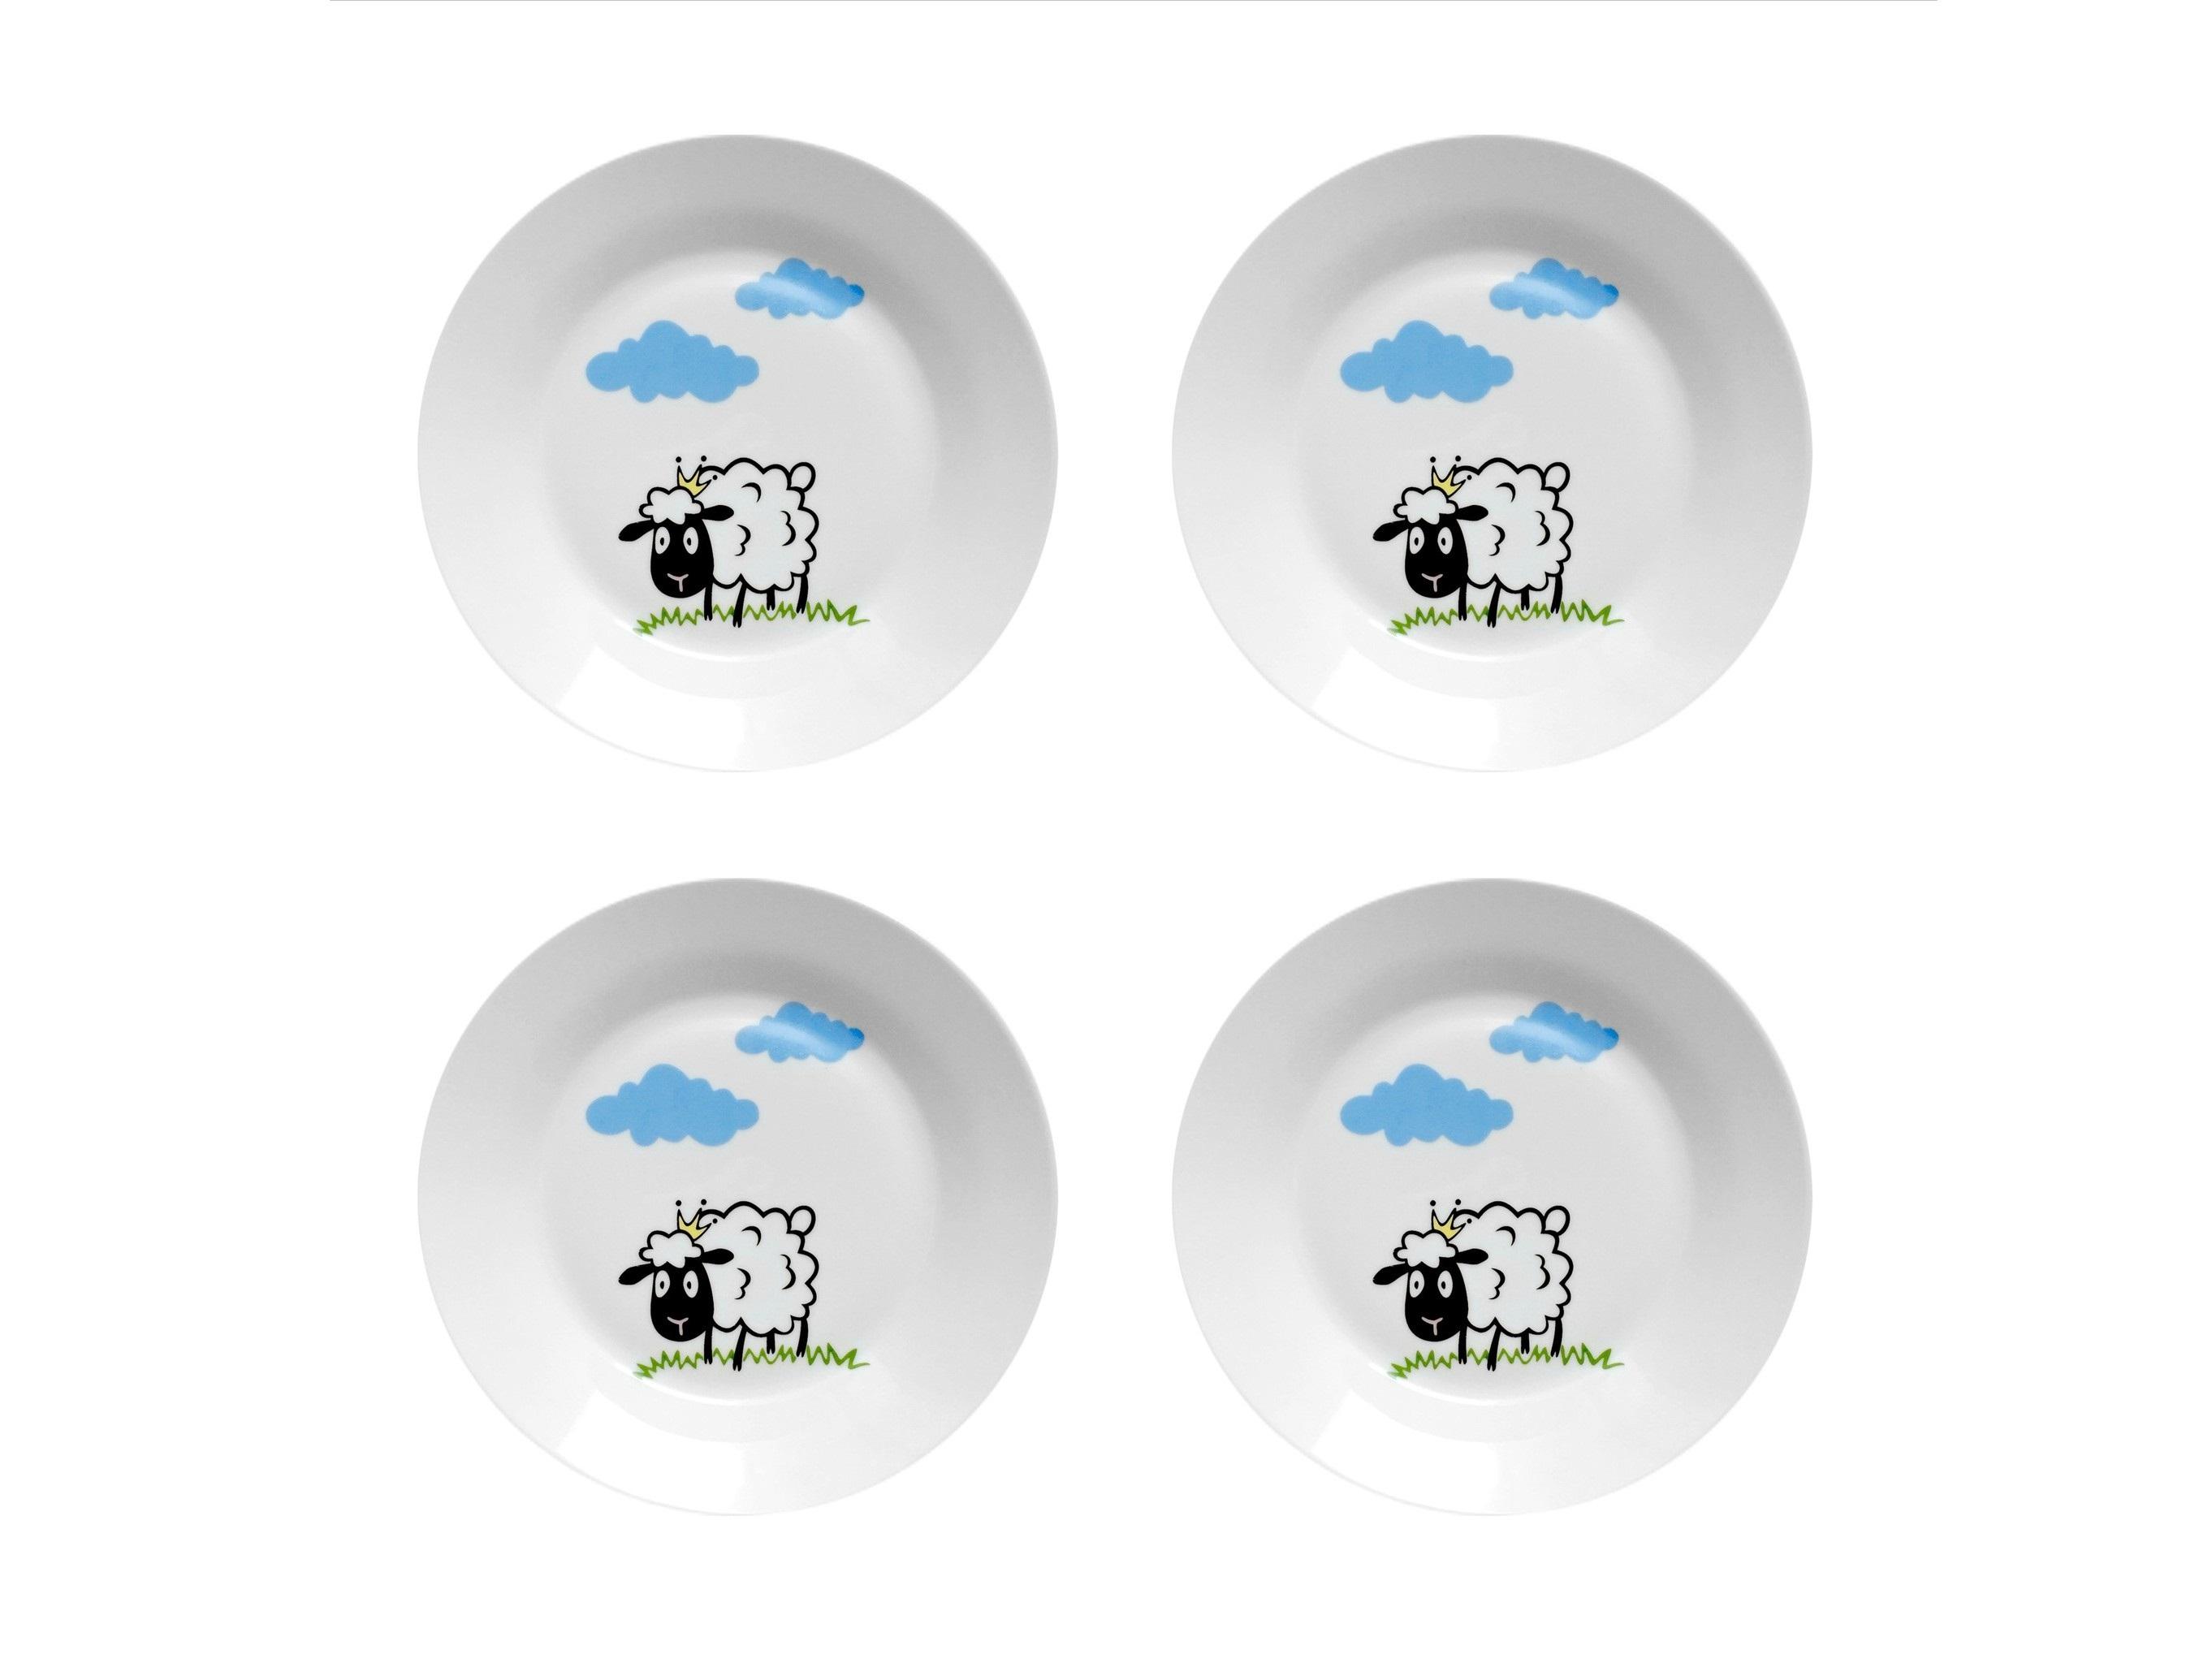 Набор тарелок Долли (4 шт)Тарелки<br>Посуду можно использовать в микроволновой печи и посудомоечной машине.&amp;amp;nbsp;&amp;lt;div&amp;gt;В комплект входят: Тарелка 20 см - 4 шт.&amp;lt;/div&amp;gt;<br><br>Material: Фарфор